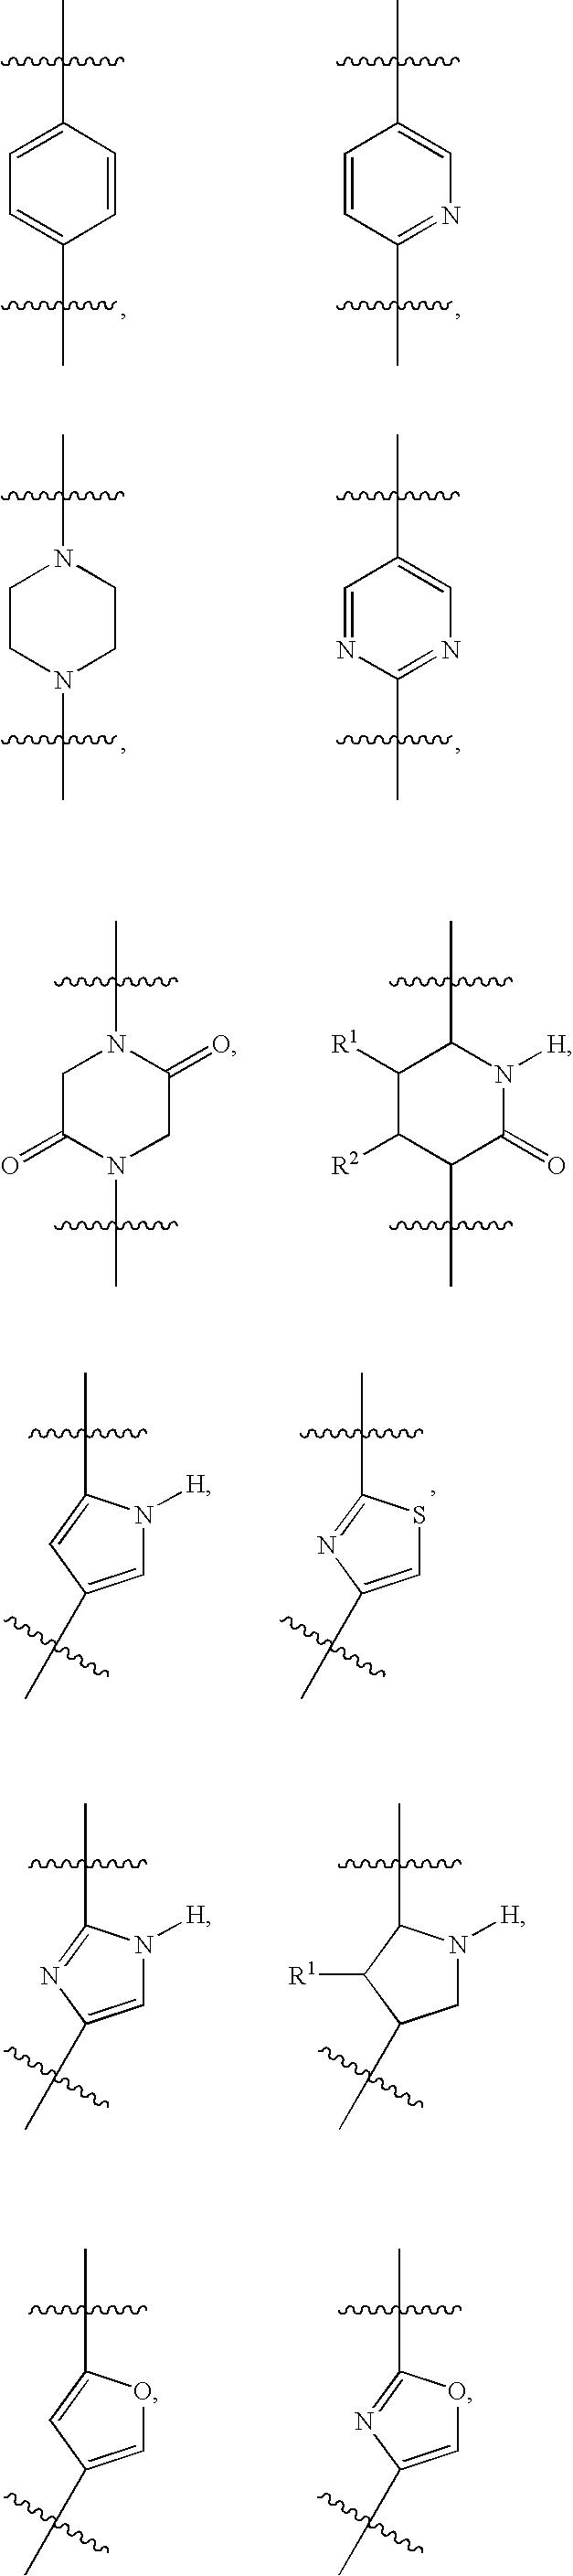 Figure US07312246-20071225-C00013